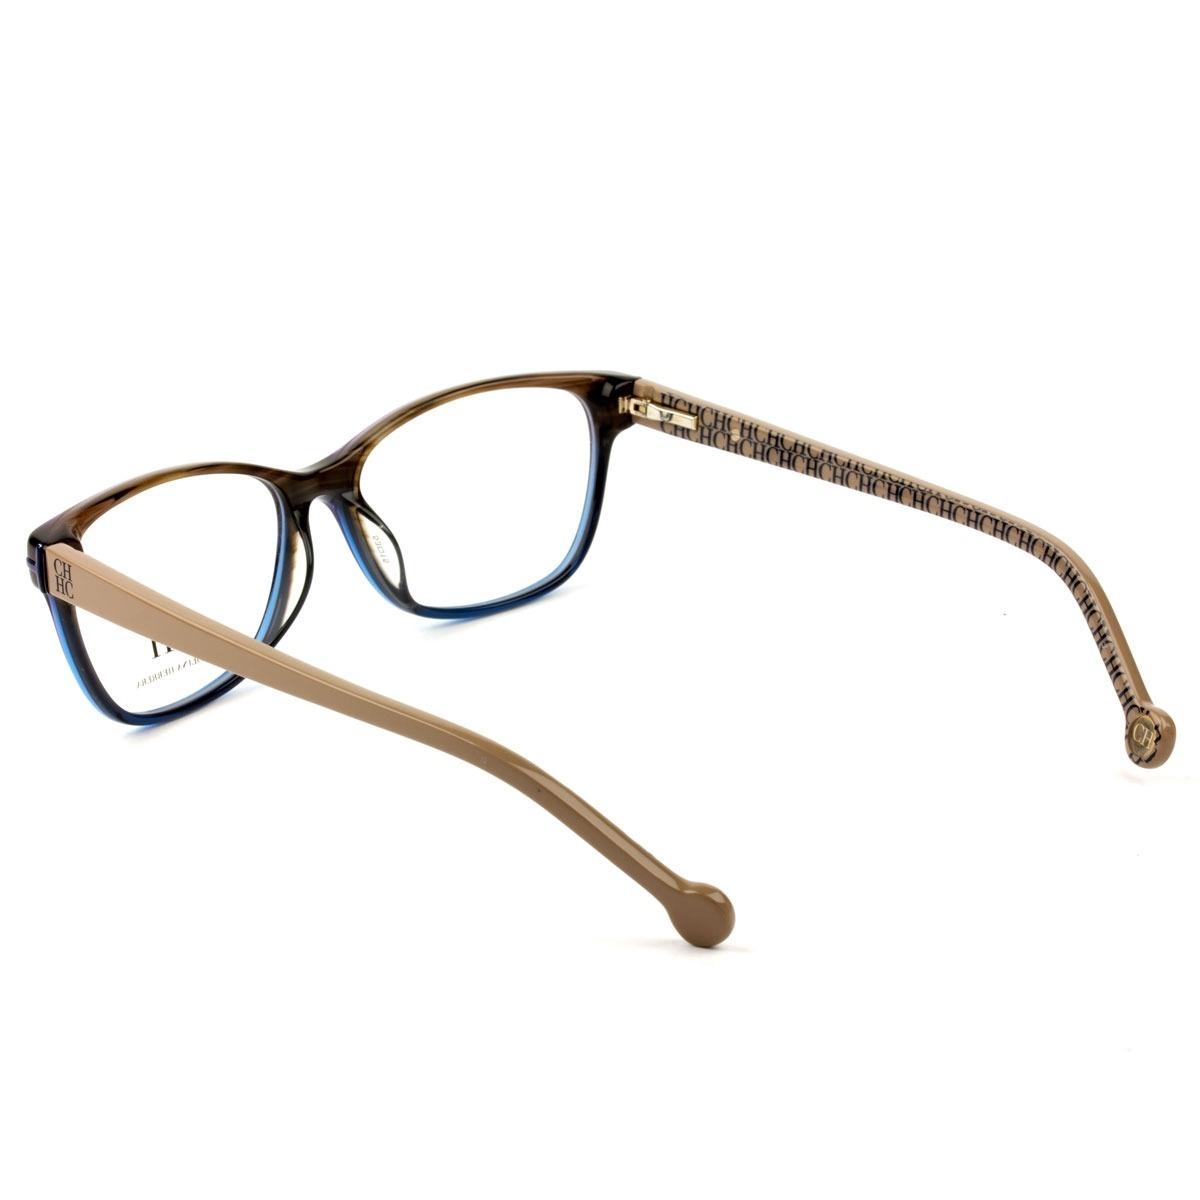 f724cb543bfe7 óculos carolina herrera vhe 635 0m61 53 - grau marrom. Carregando zoom.